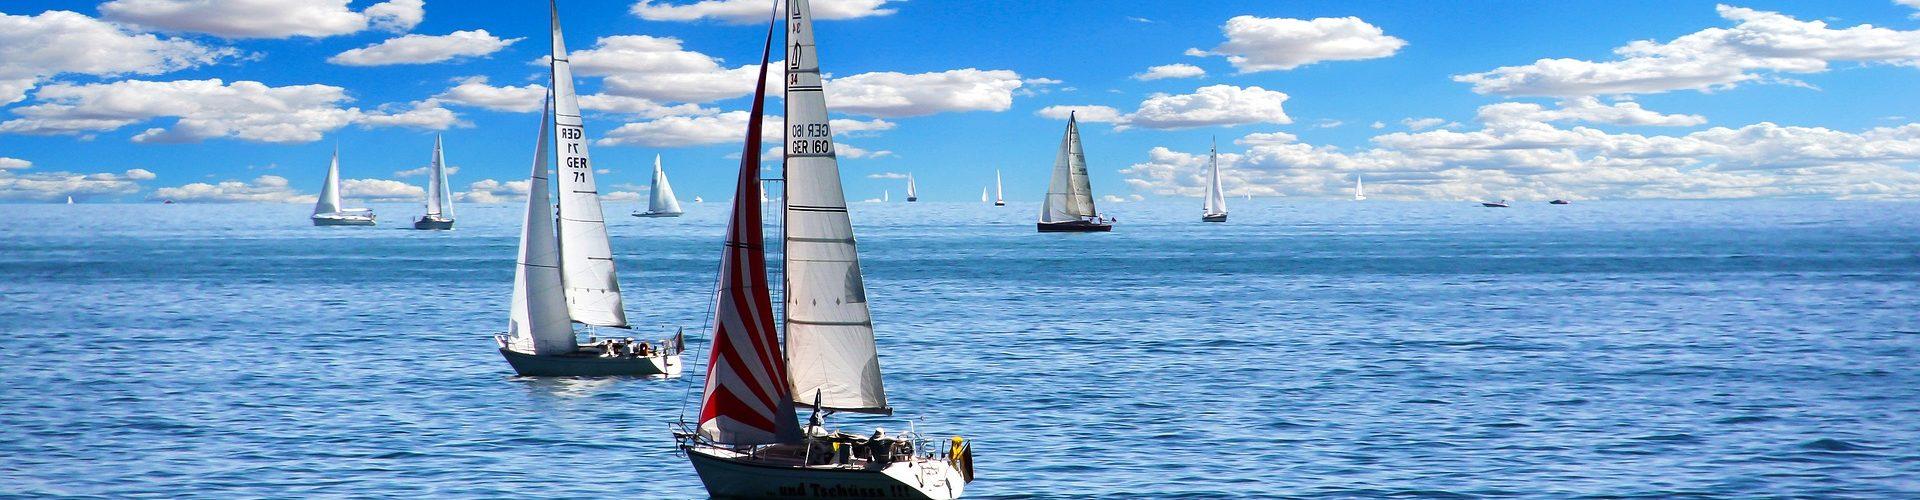 segeln lernen in Parchim segelschein machen in Parchim 1920x500 - Segeln lernen in Parchim